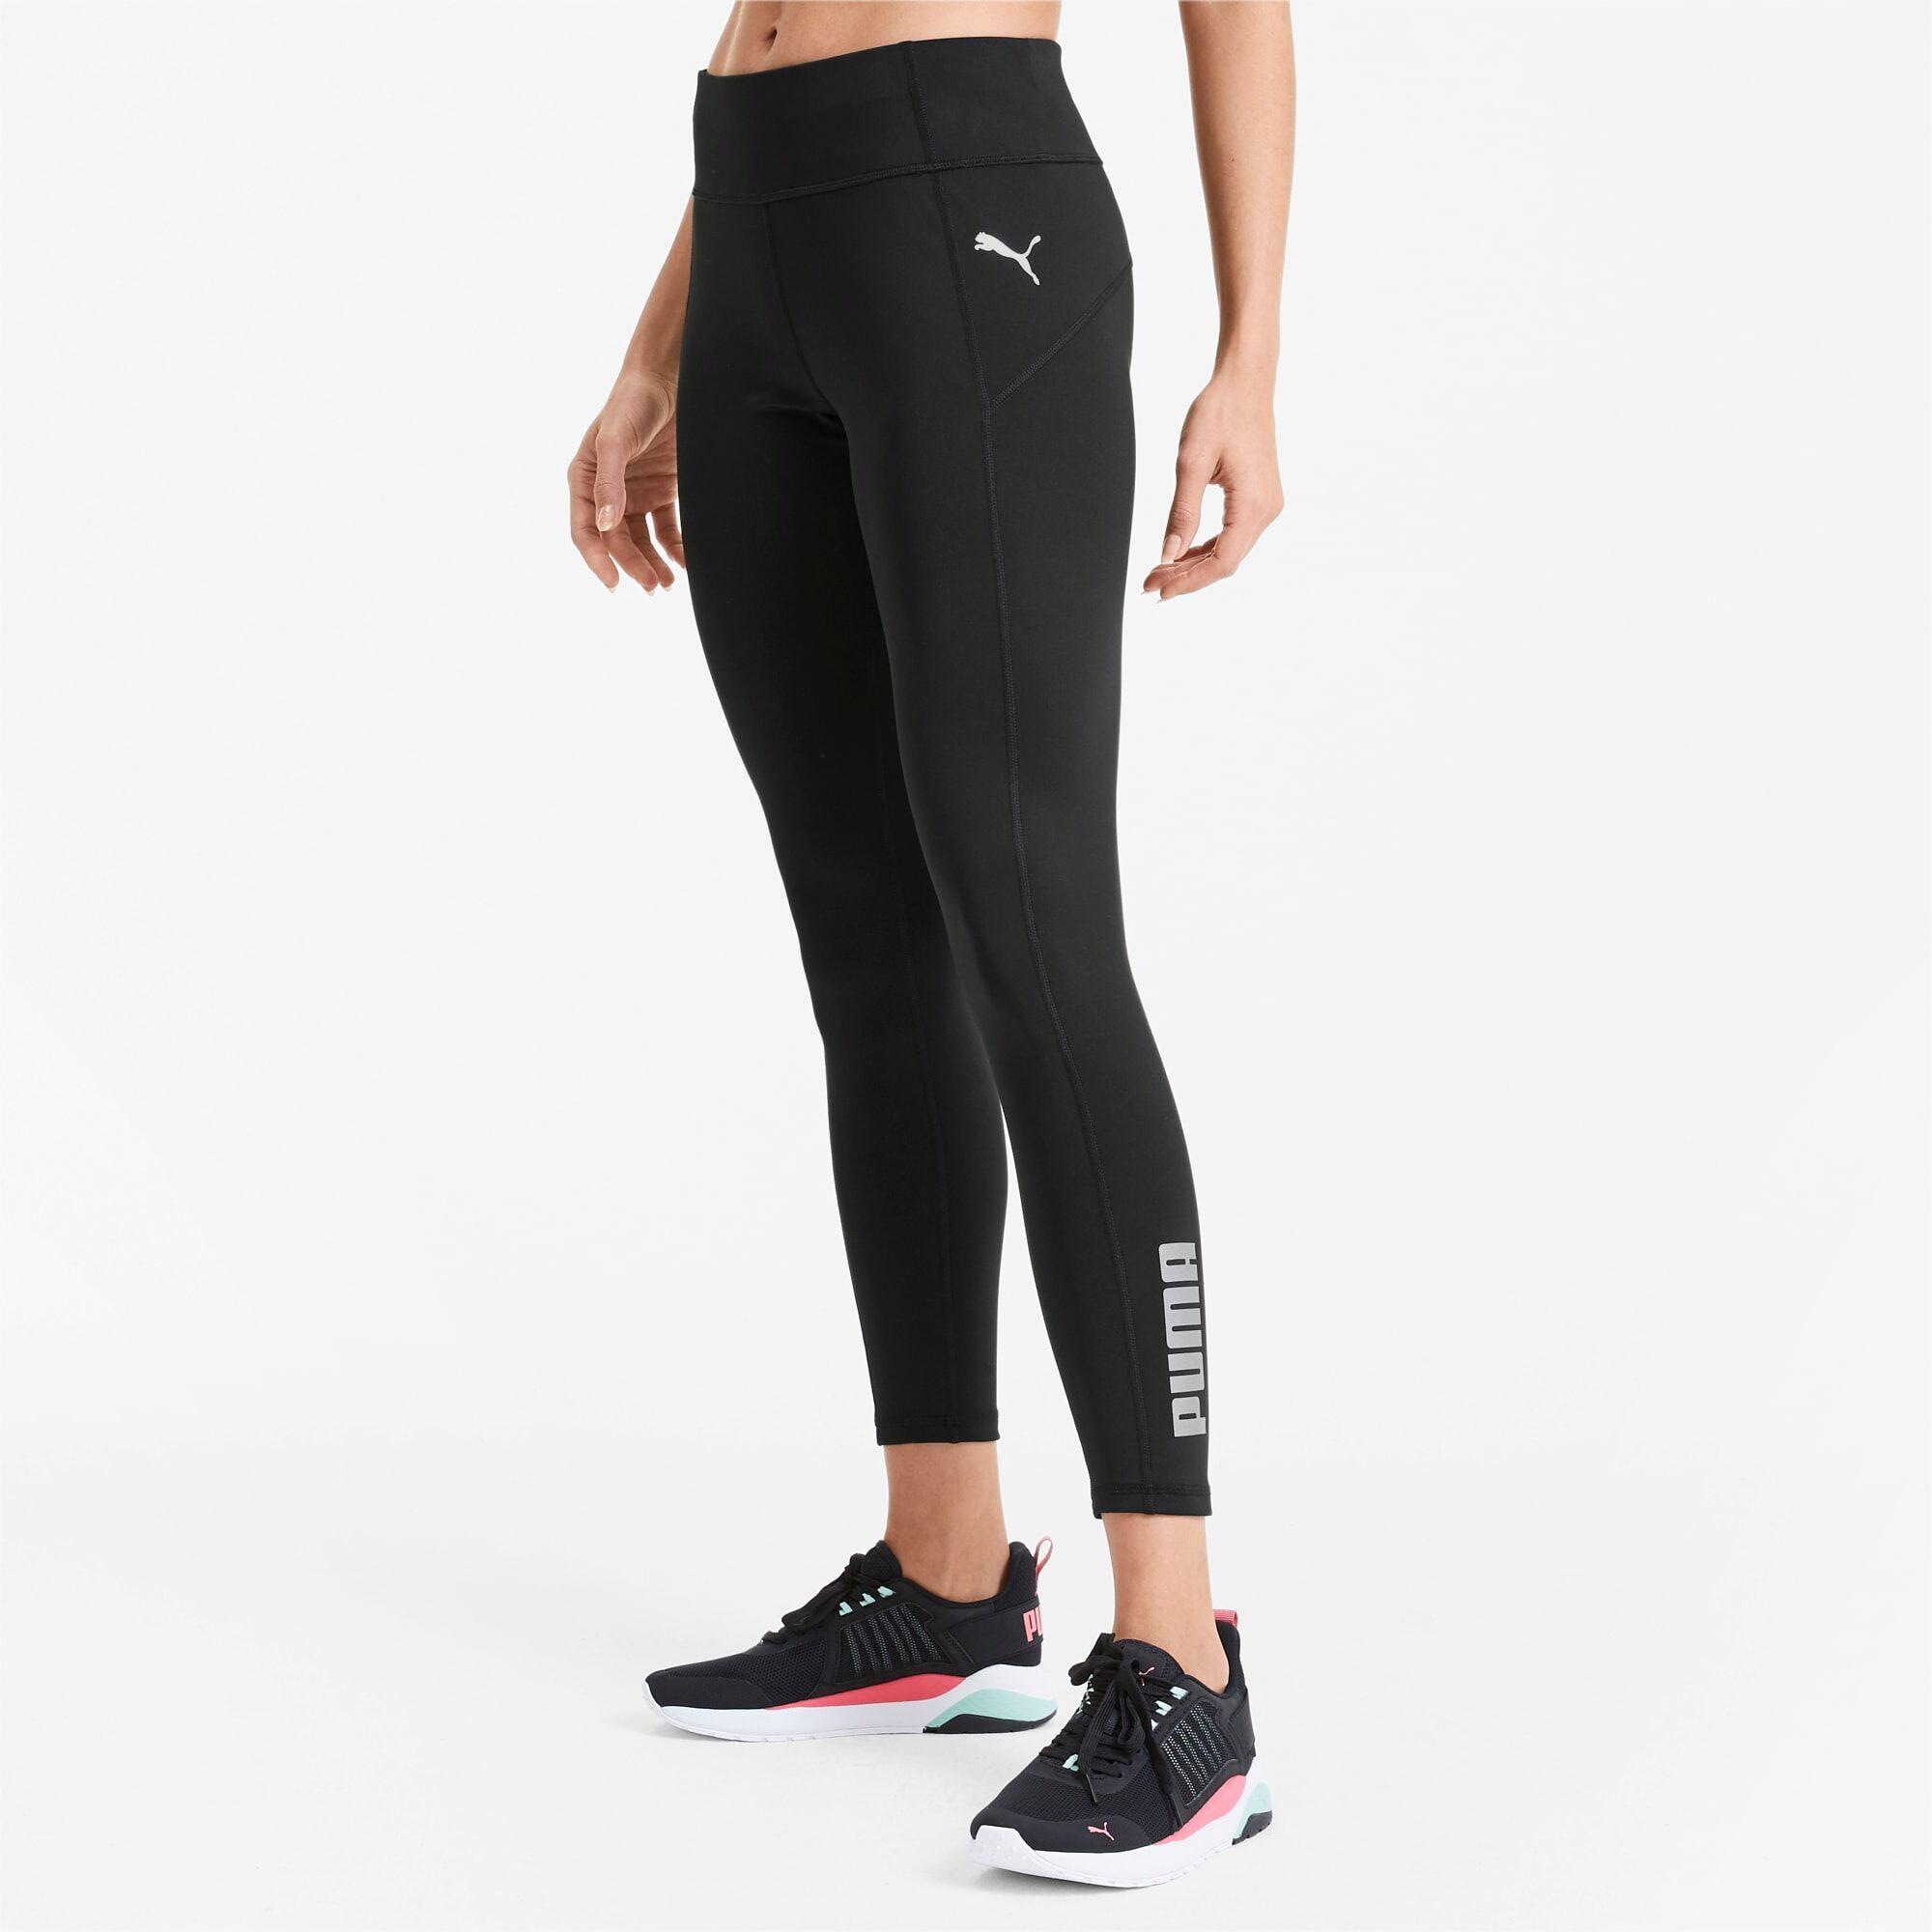 PUMA Collant Polyester Training pour Femme, Noir, Taille L, Vêtements